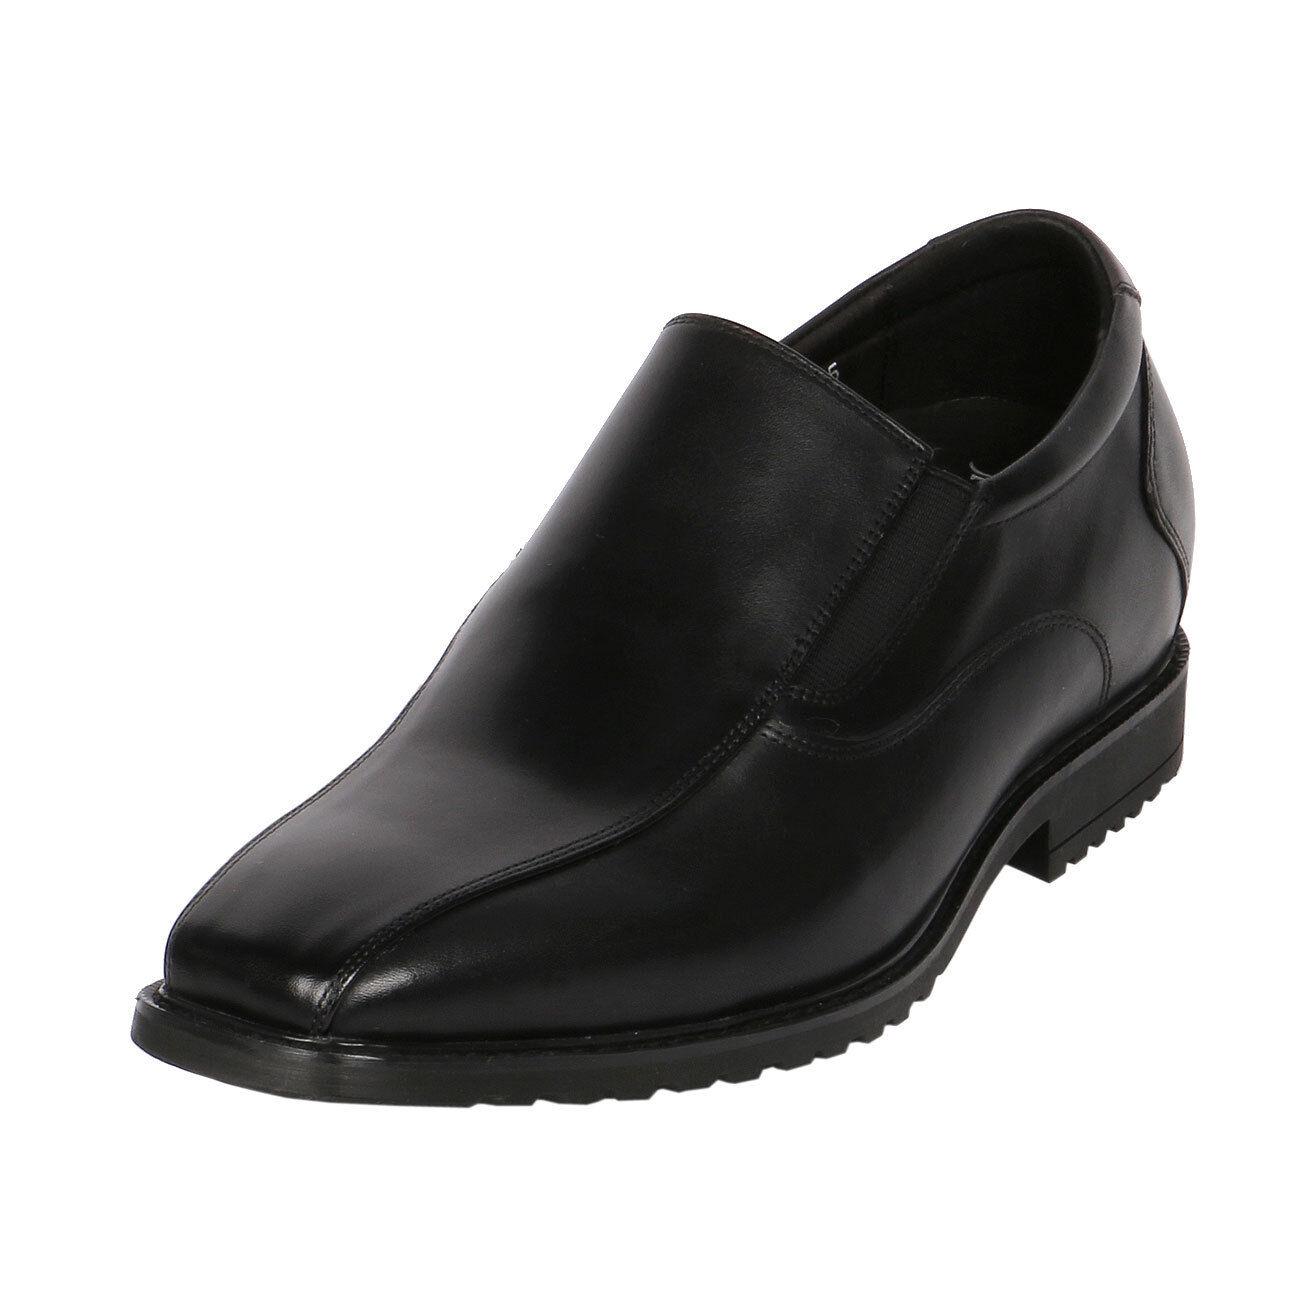 Resbalón Resbalón Resbalón en el zapato de vestir hombre alto oculto levantar 2.8  más alto, CYD40 af63d2